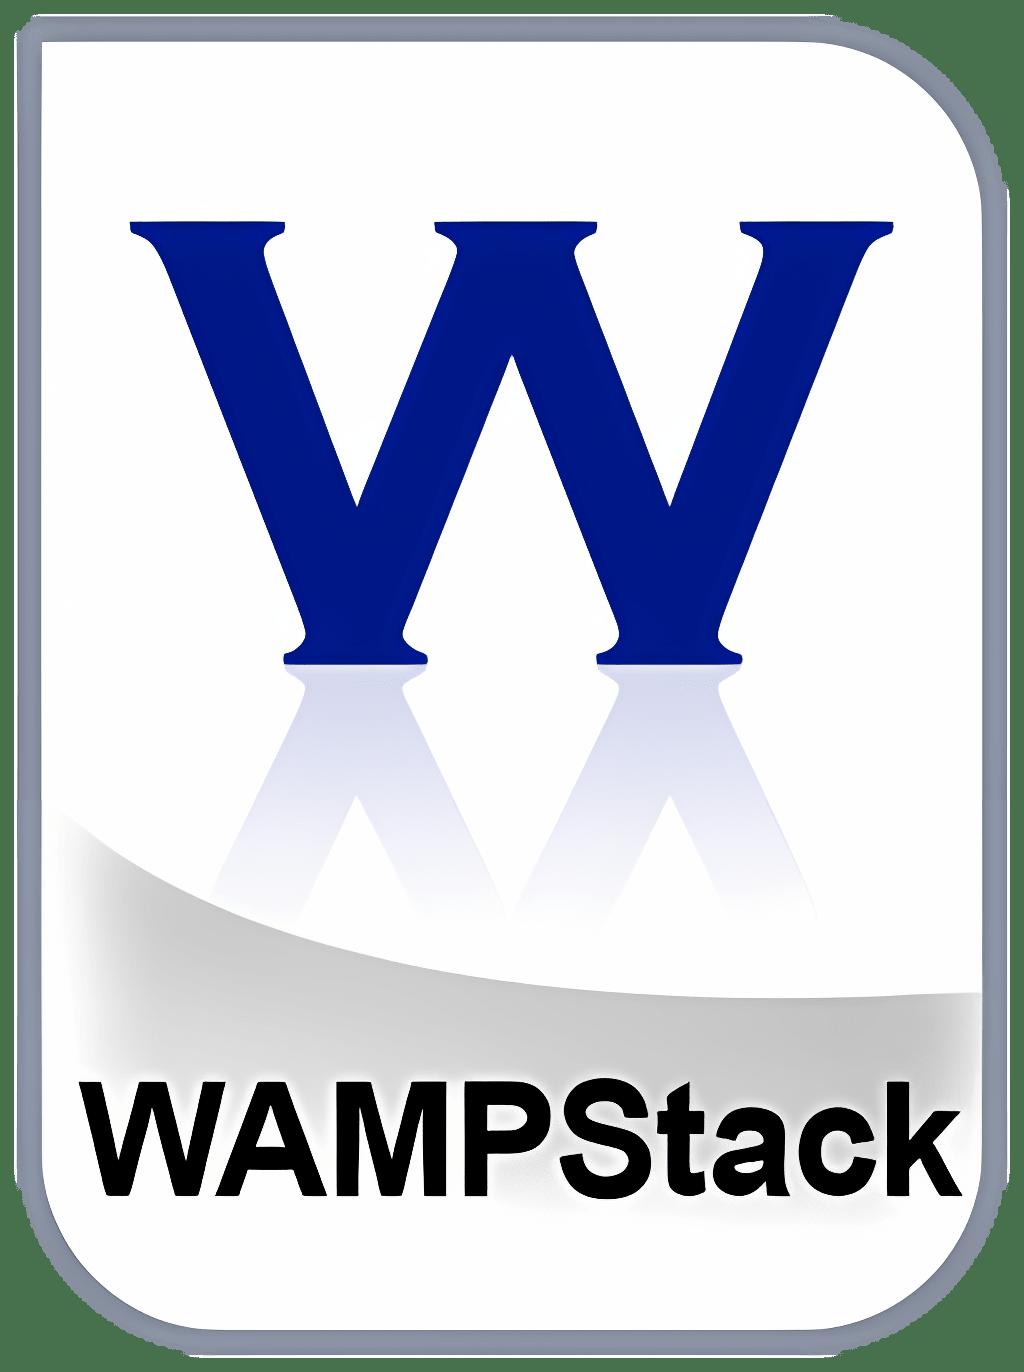 BitNami WAMPStack